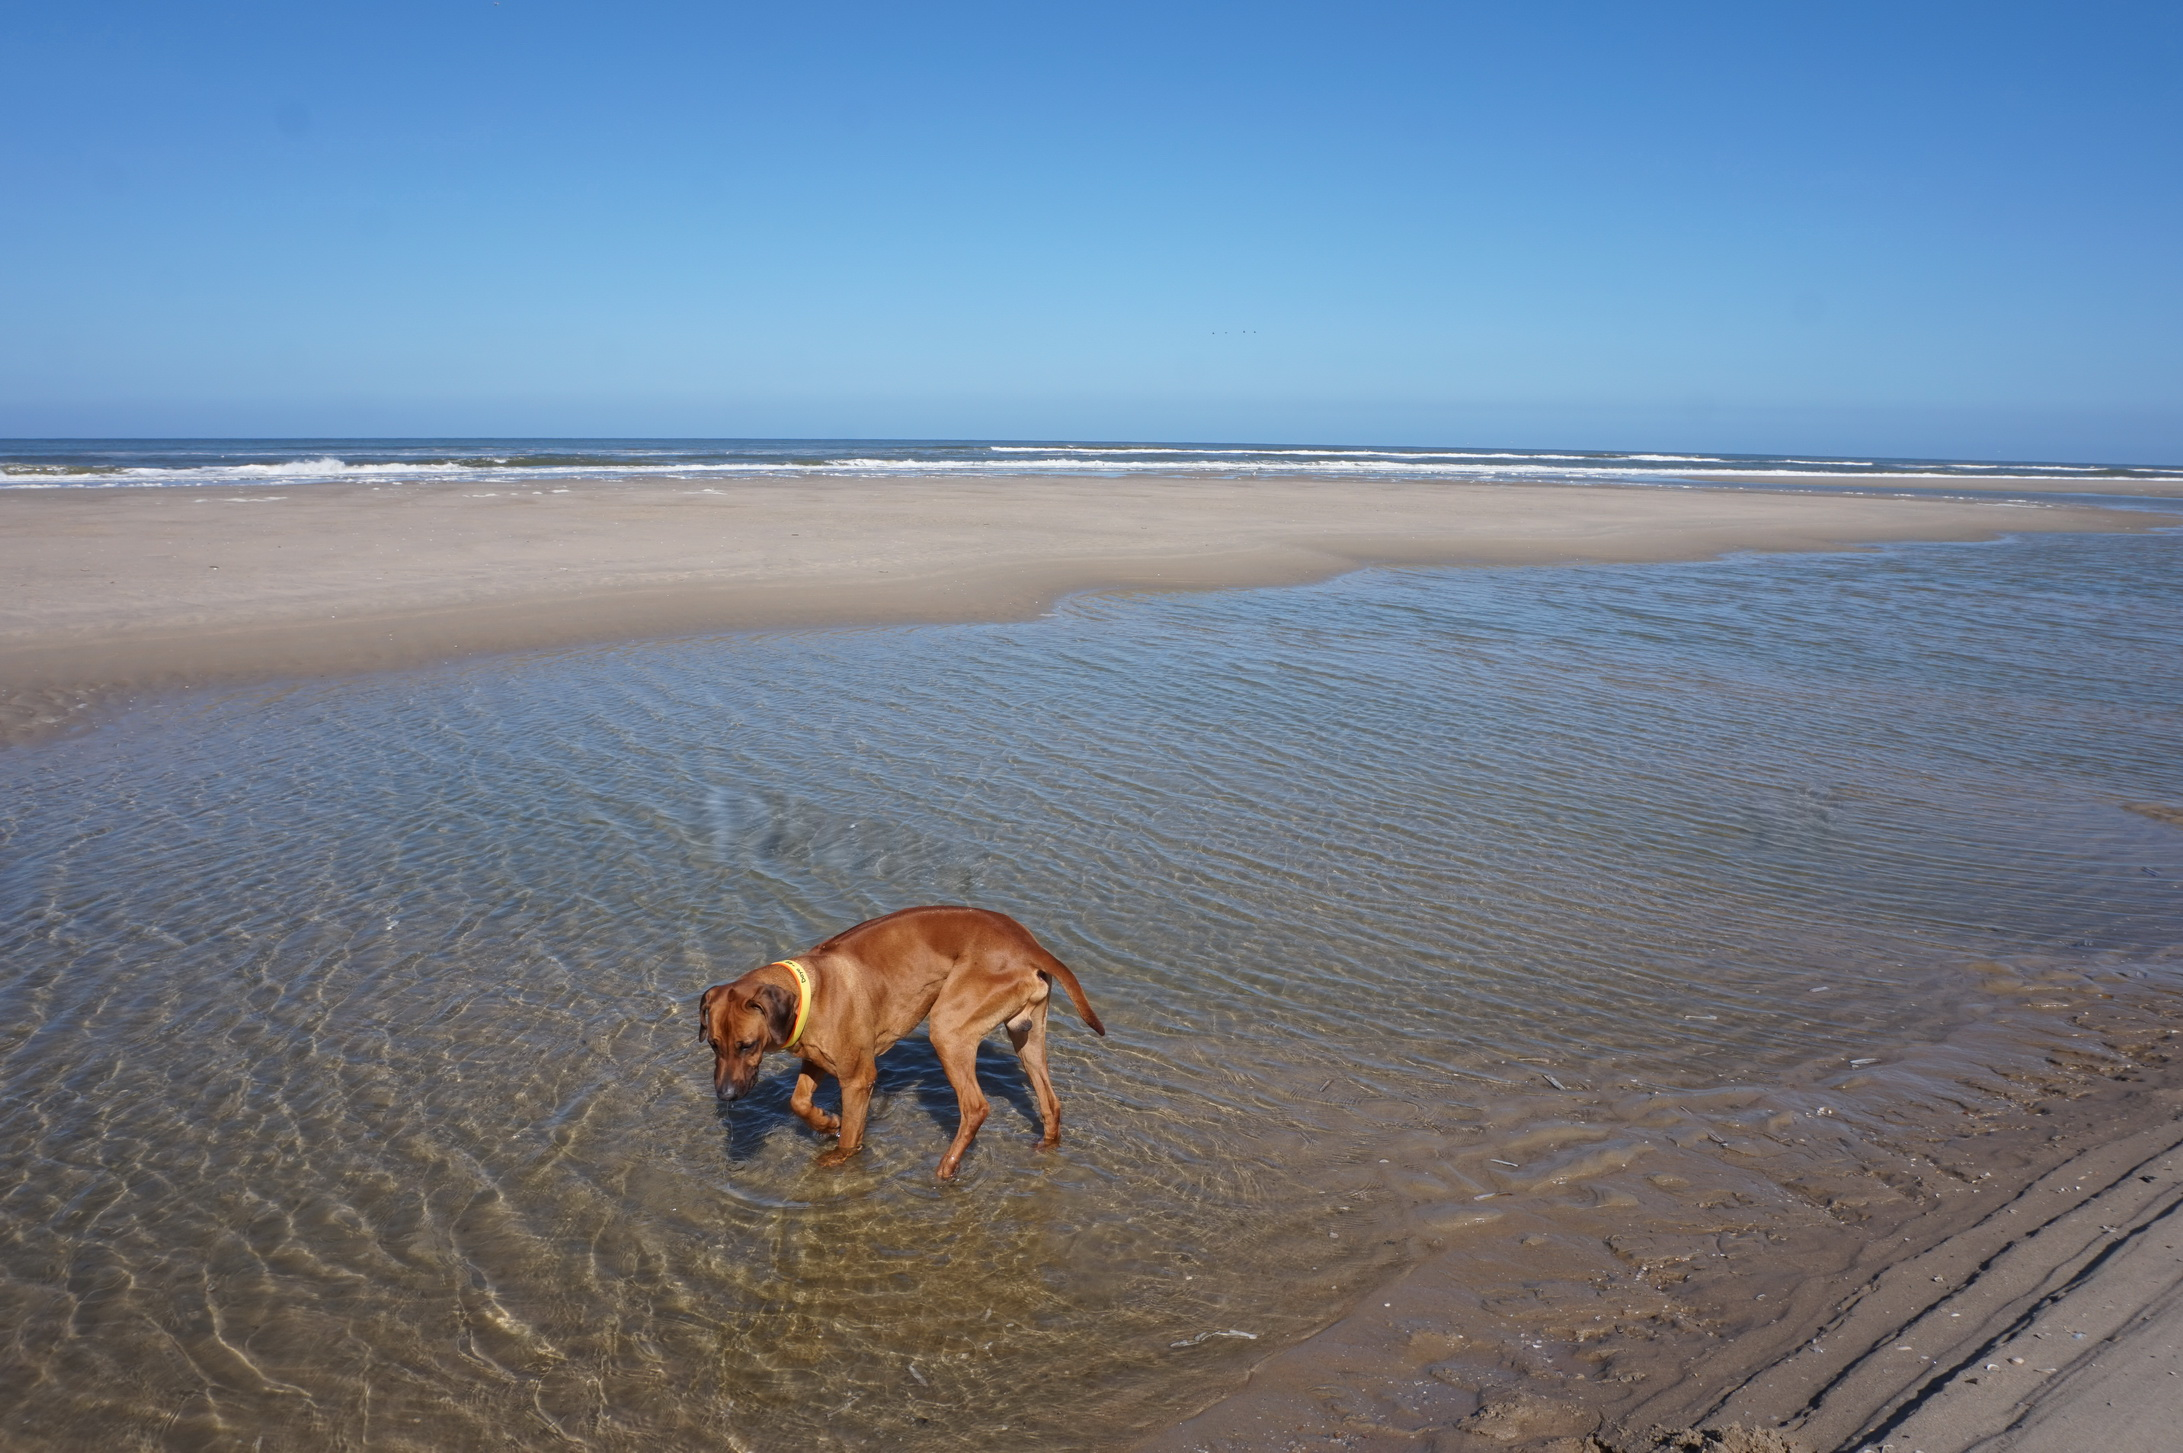 Dayo geht auch schon einmal ins Wasser ...